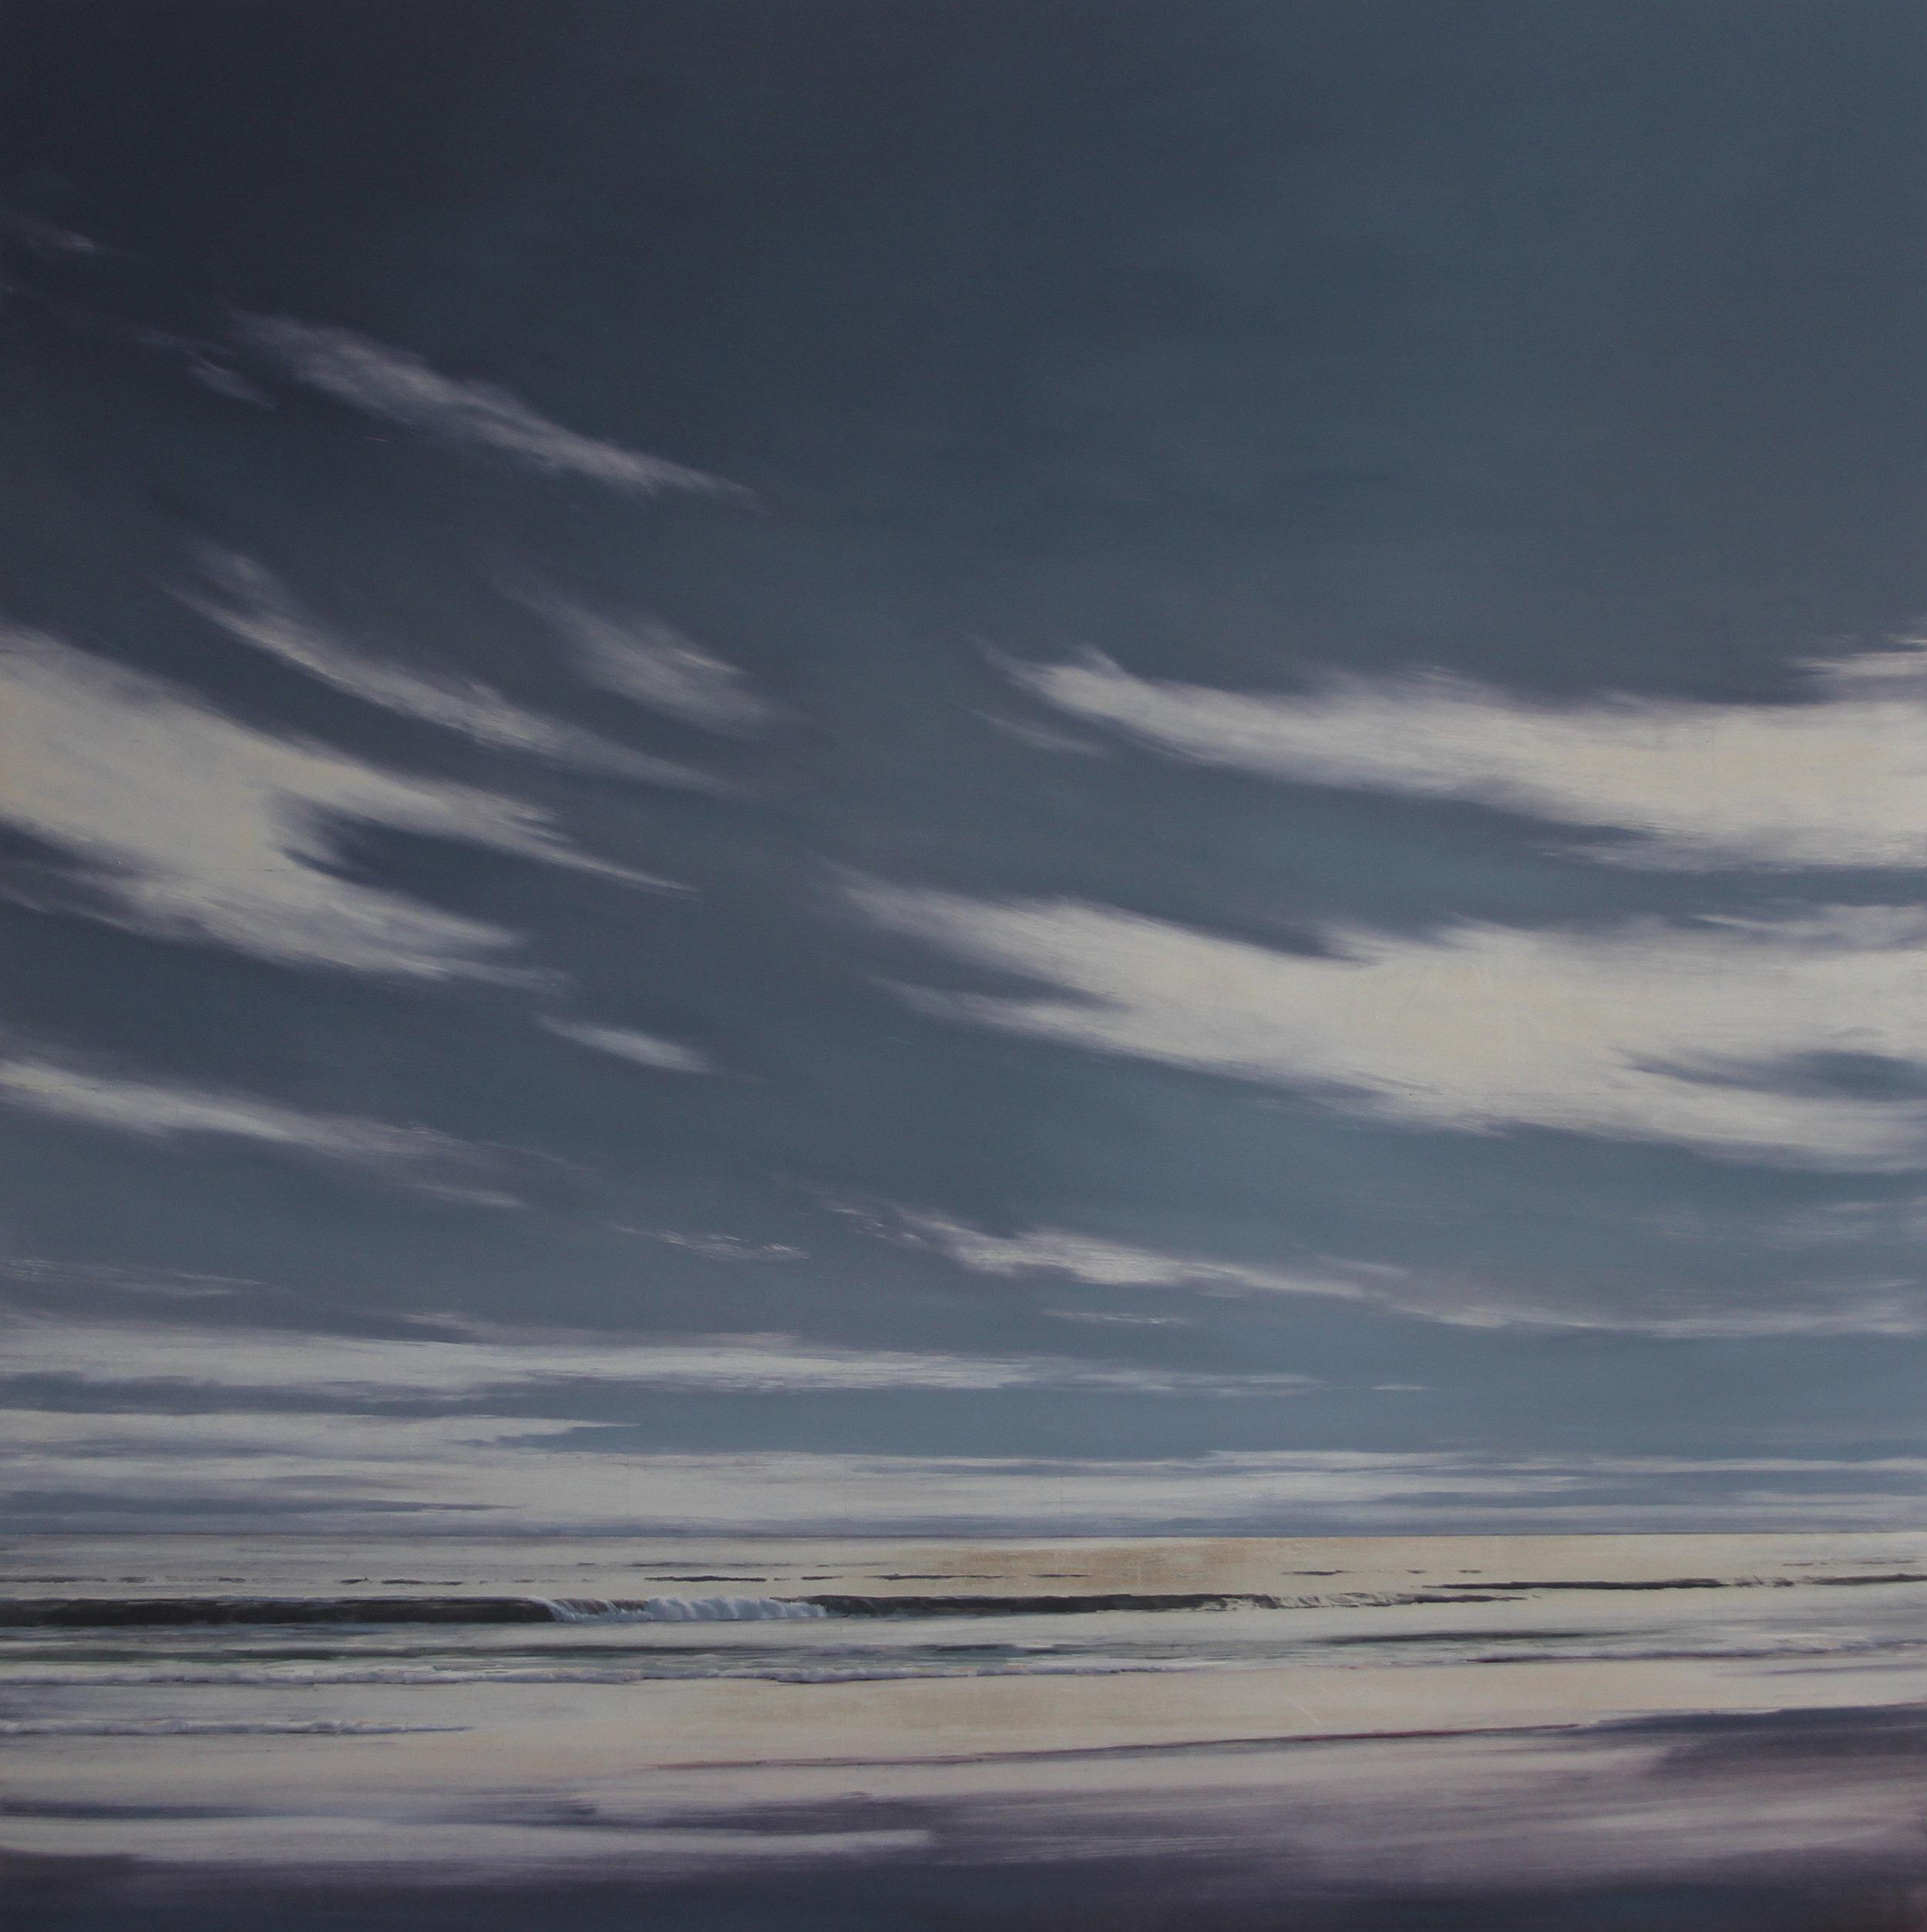 Silver and Sea